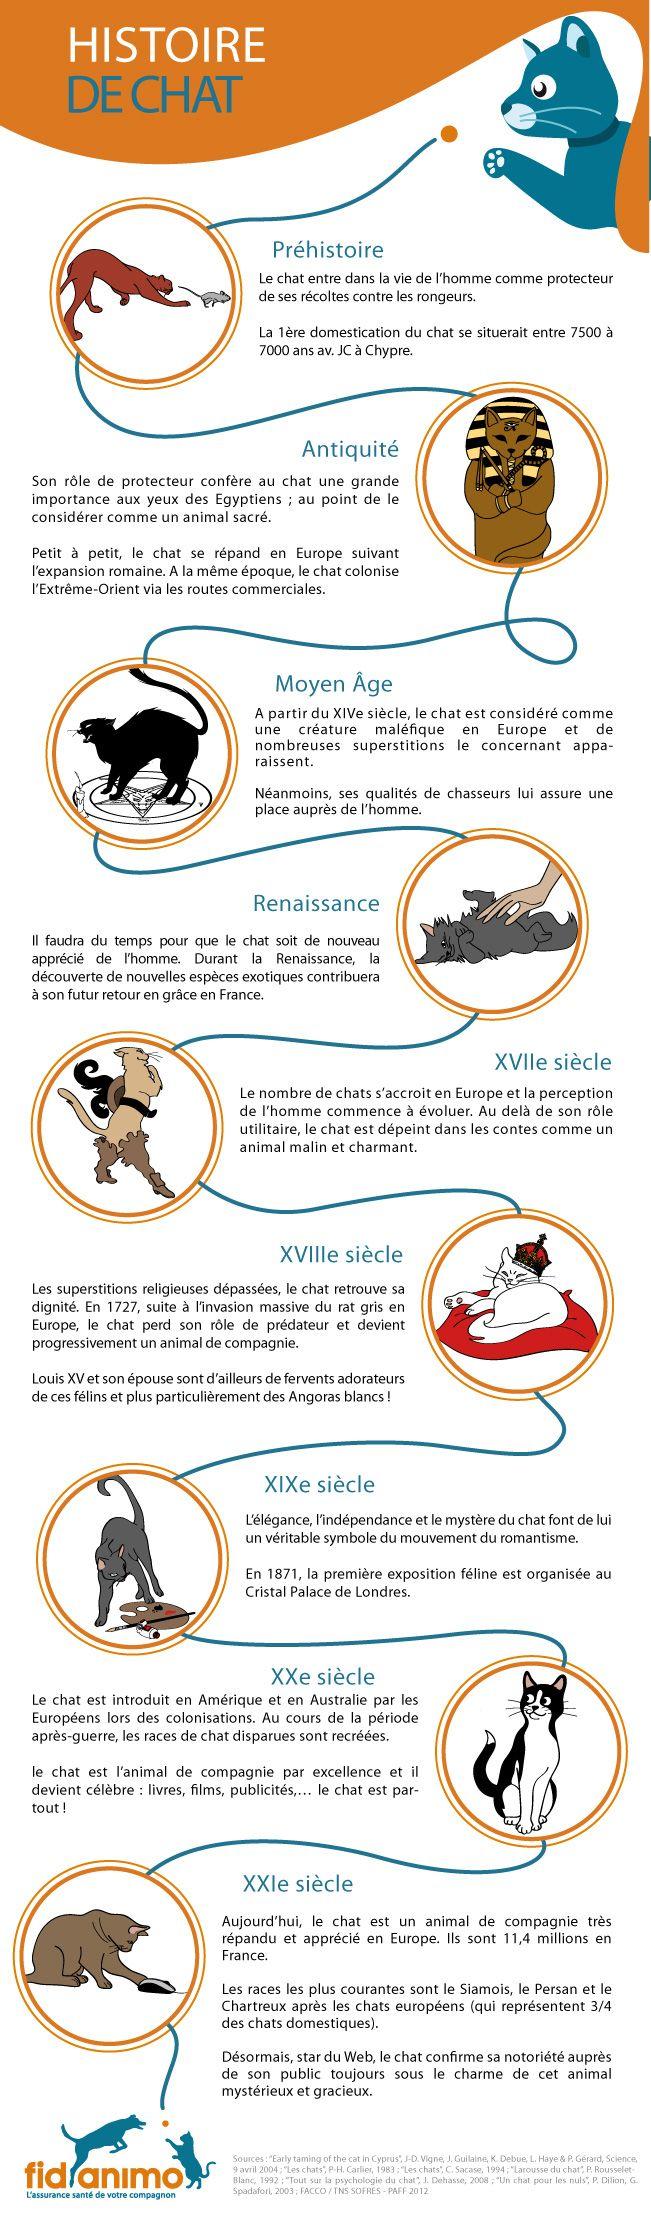 Infographie animaux : Histoire de chat.  Le chat et l'homme ont une histoire commune complexe. Vu comme un protecteur, un animal maléfique, un compagnon attachant puis une star du web, l'image du chat a beaucoup évoluée depuis la Préhistoire !